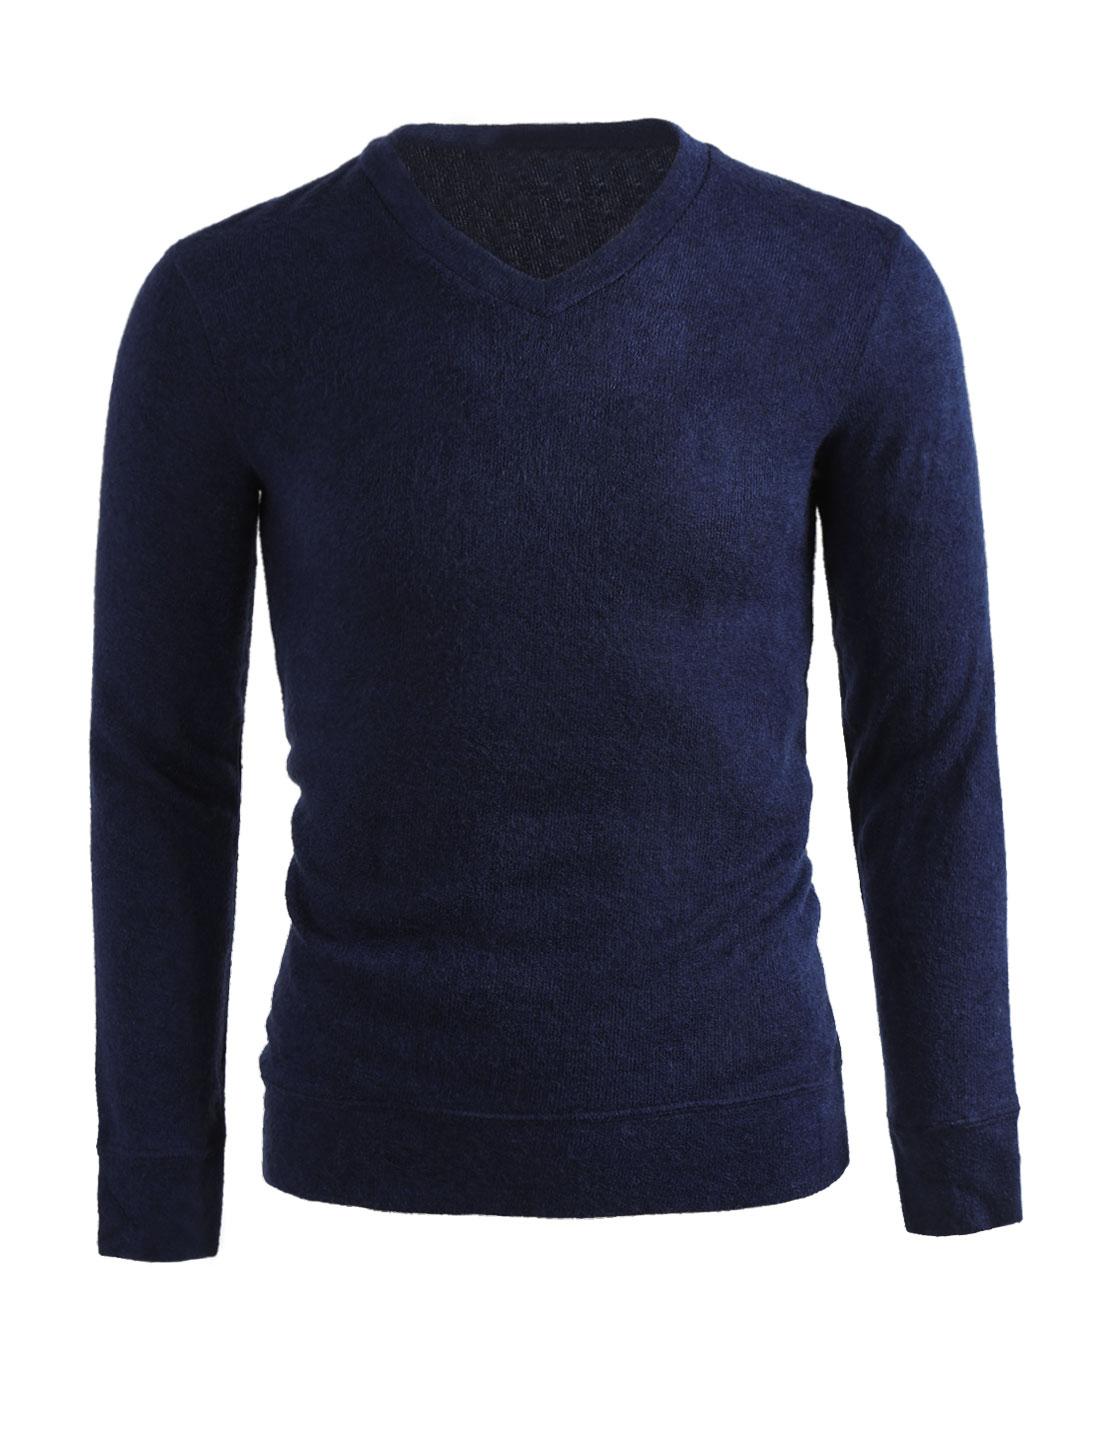 Men Pullover Solid Color V-neck Slim Fall Knit Top Blue L